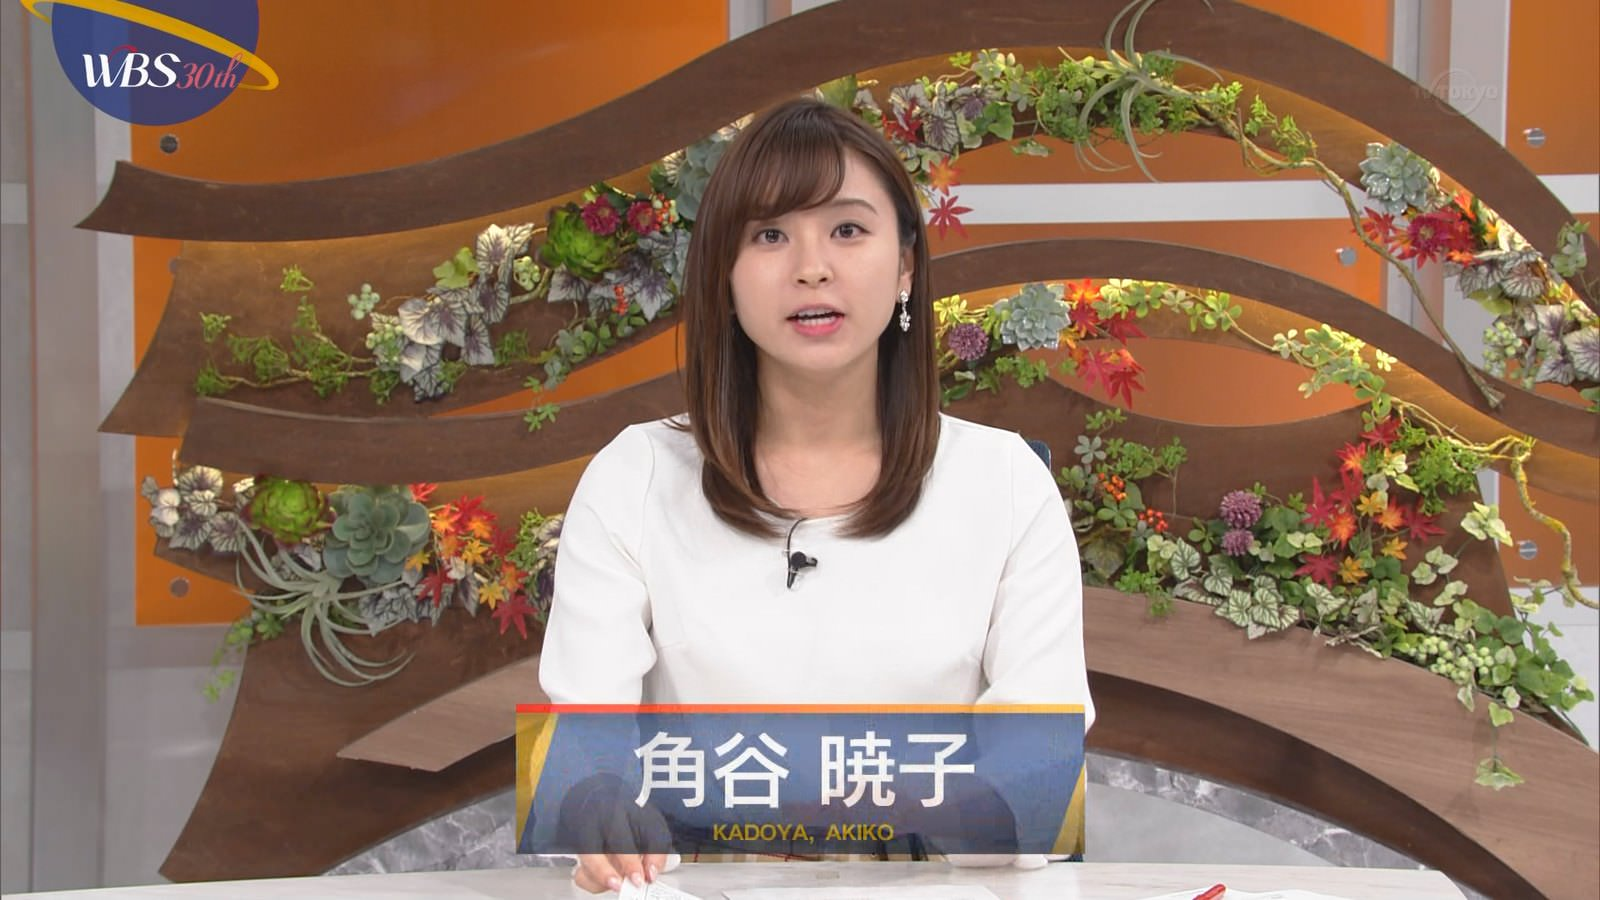 【画像】テレ東WBSで角谷暁子アナ、乳揺れ&谷間がチラって見えてしまうwww(GIFあり)